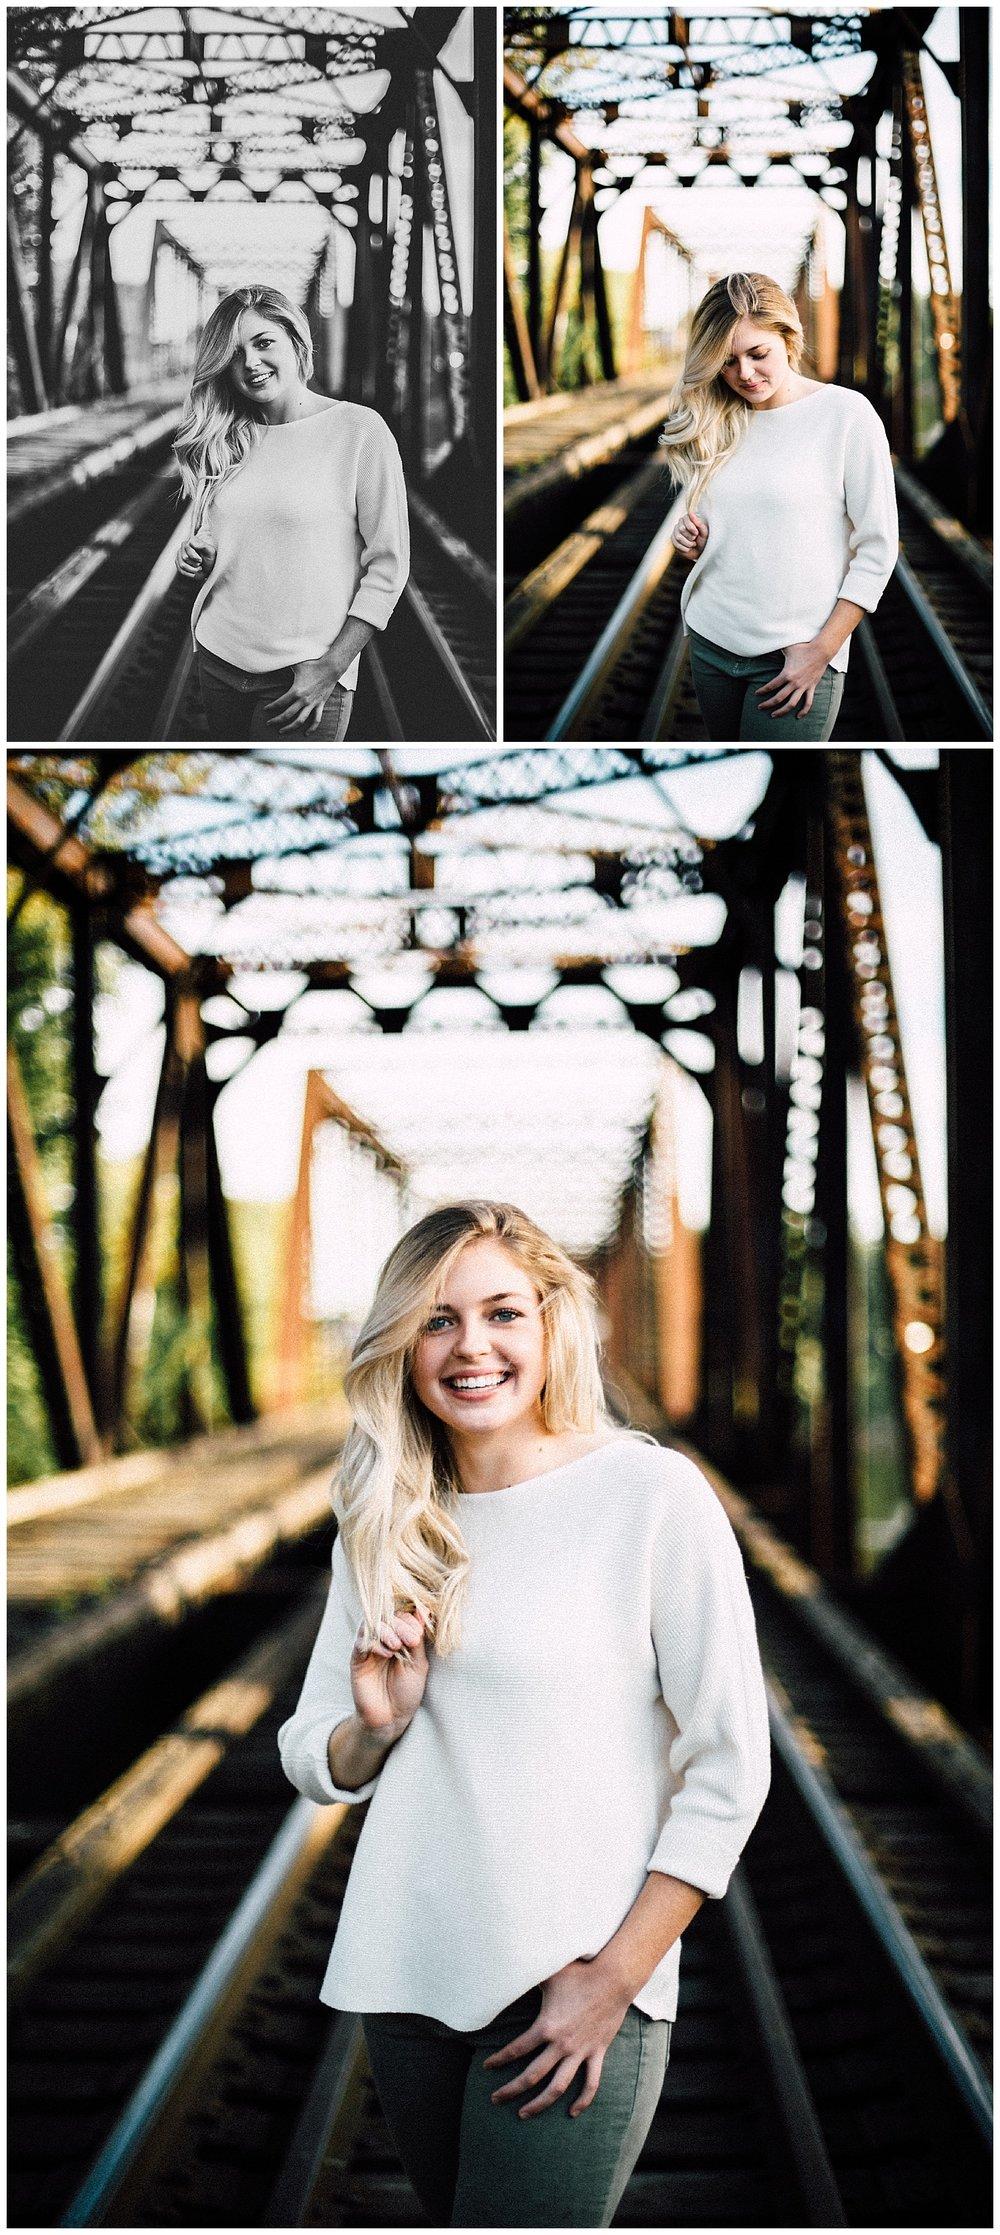 Paige-Reid-Senior-Pictures-Michigan-Senior-Photographer-74.jpg